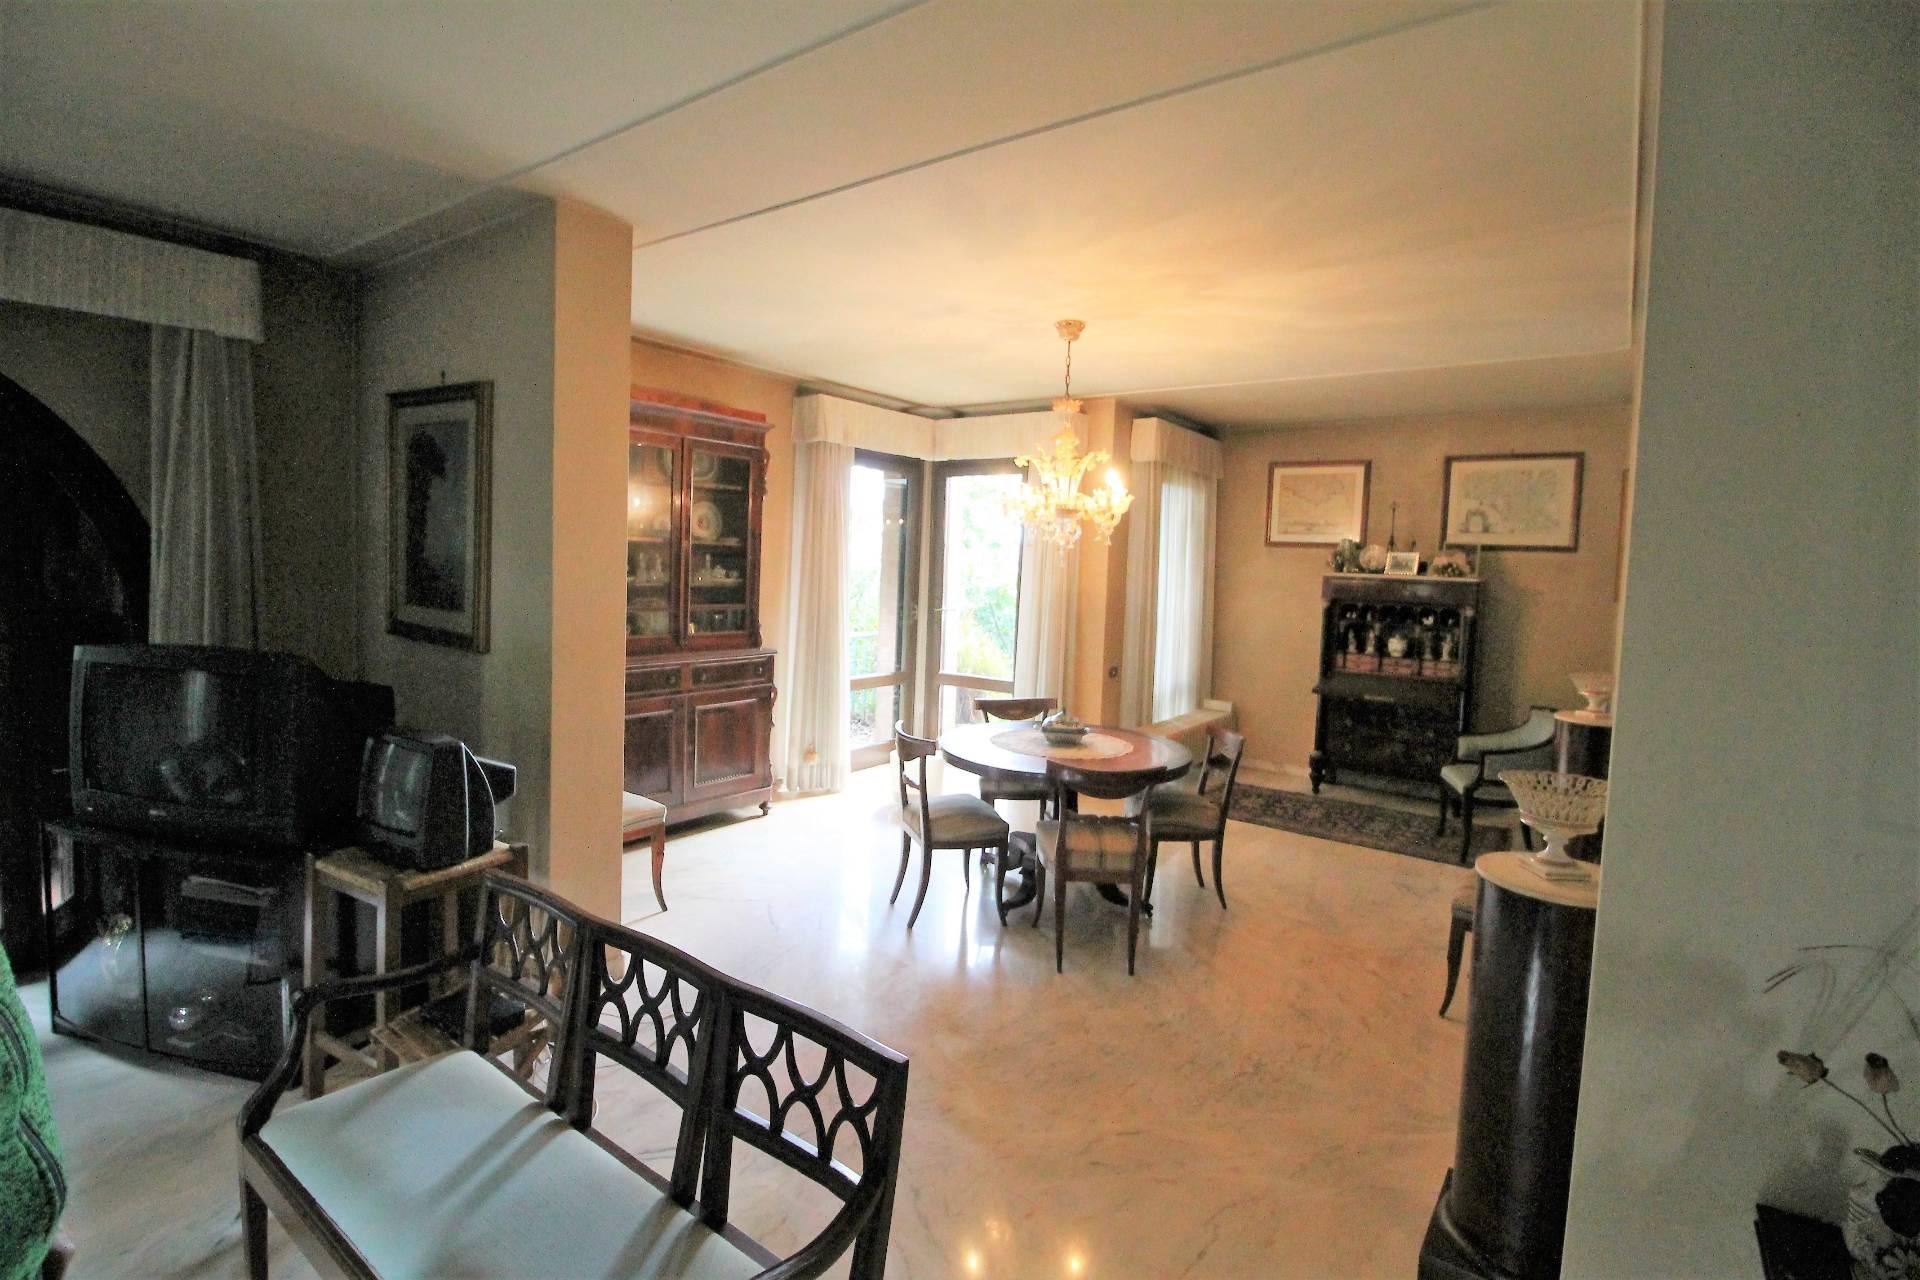 Villetta bifamiliare in vendita a Barbaricina, Pisa